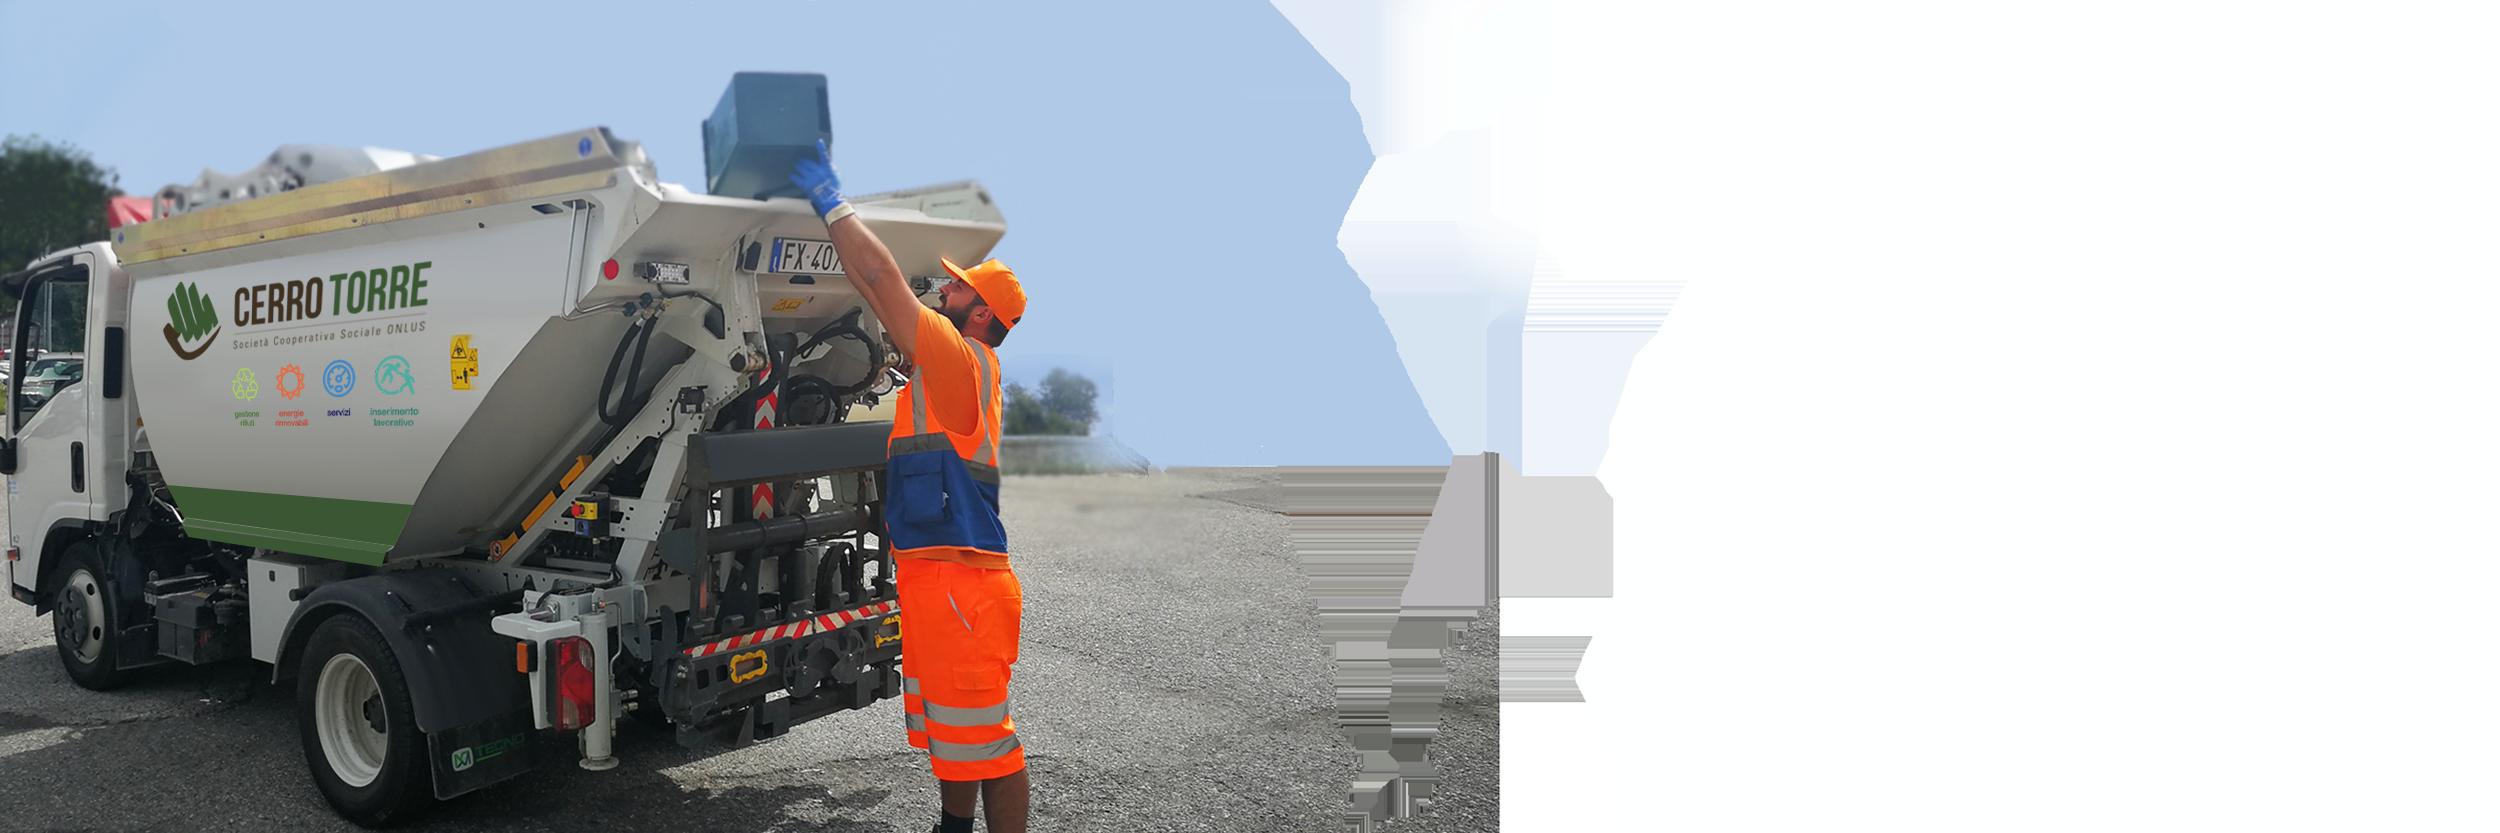 gestione-rifiuti-luca2-e1598520579873